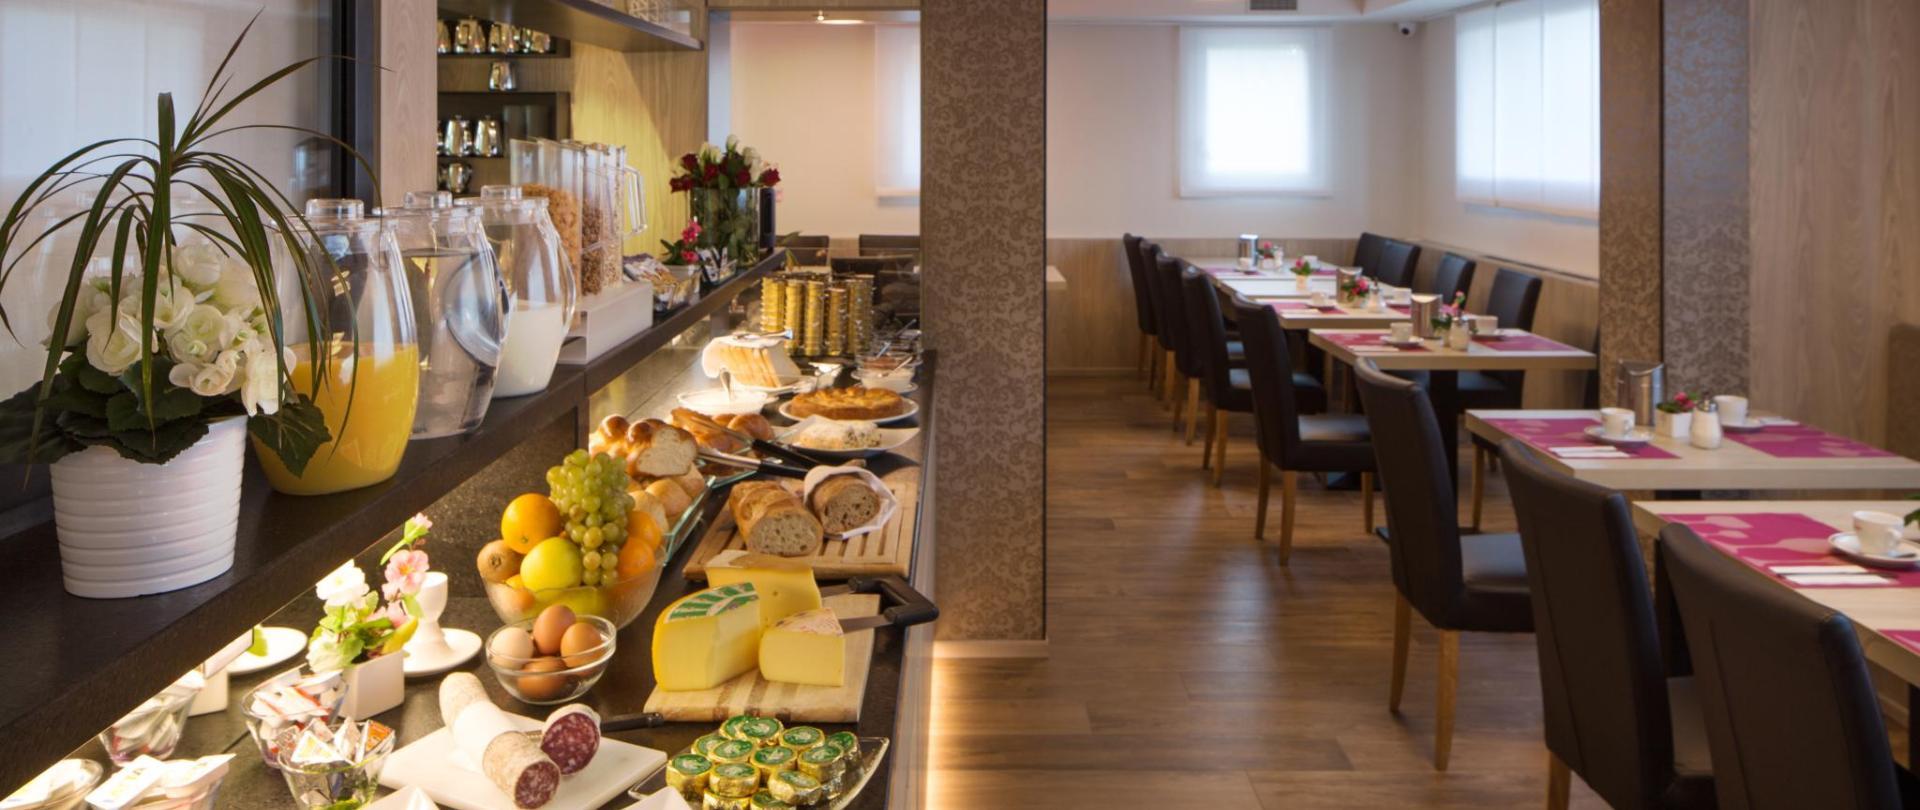 hotel-campione-bissone-ristorante invernale-colazioni.jpg